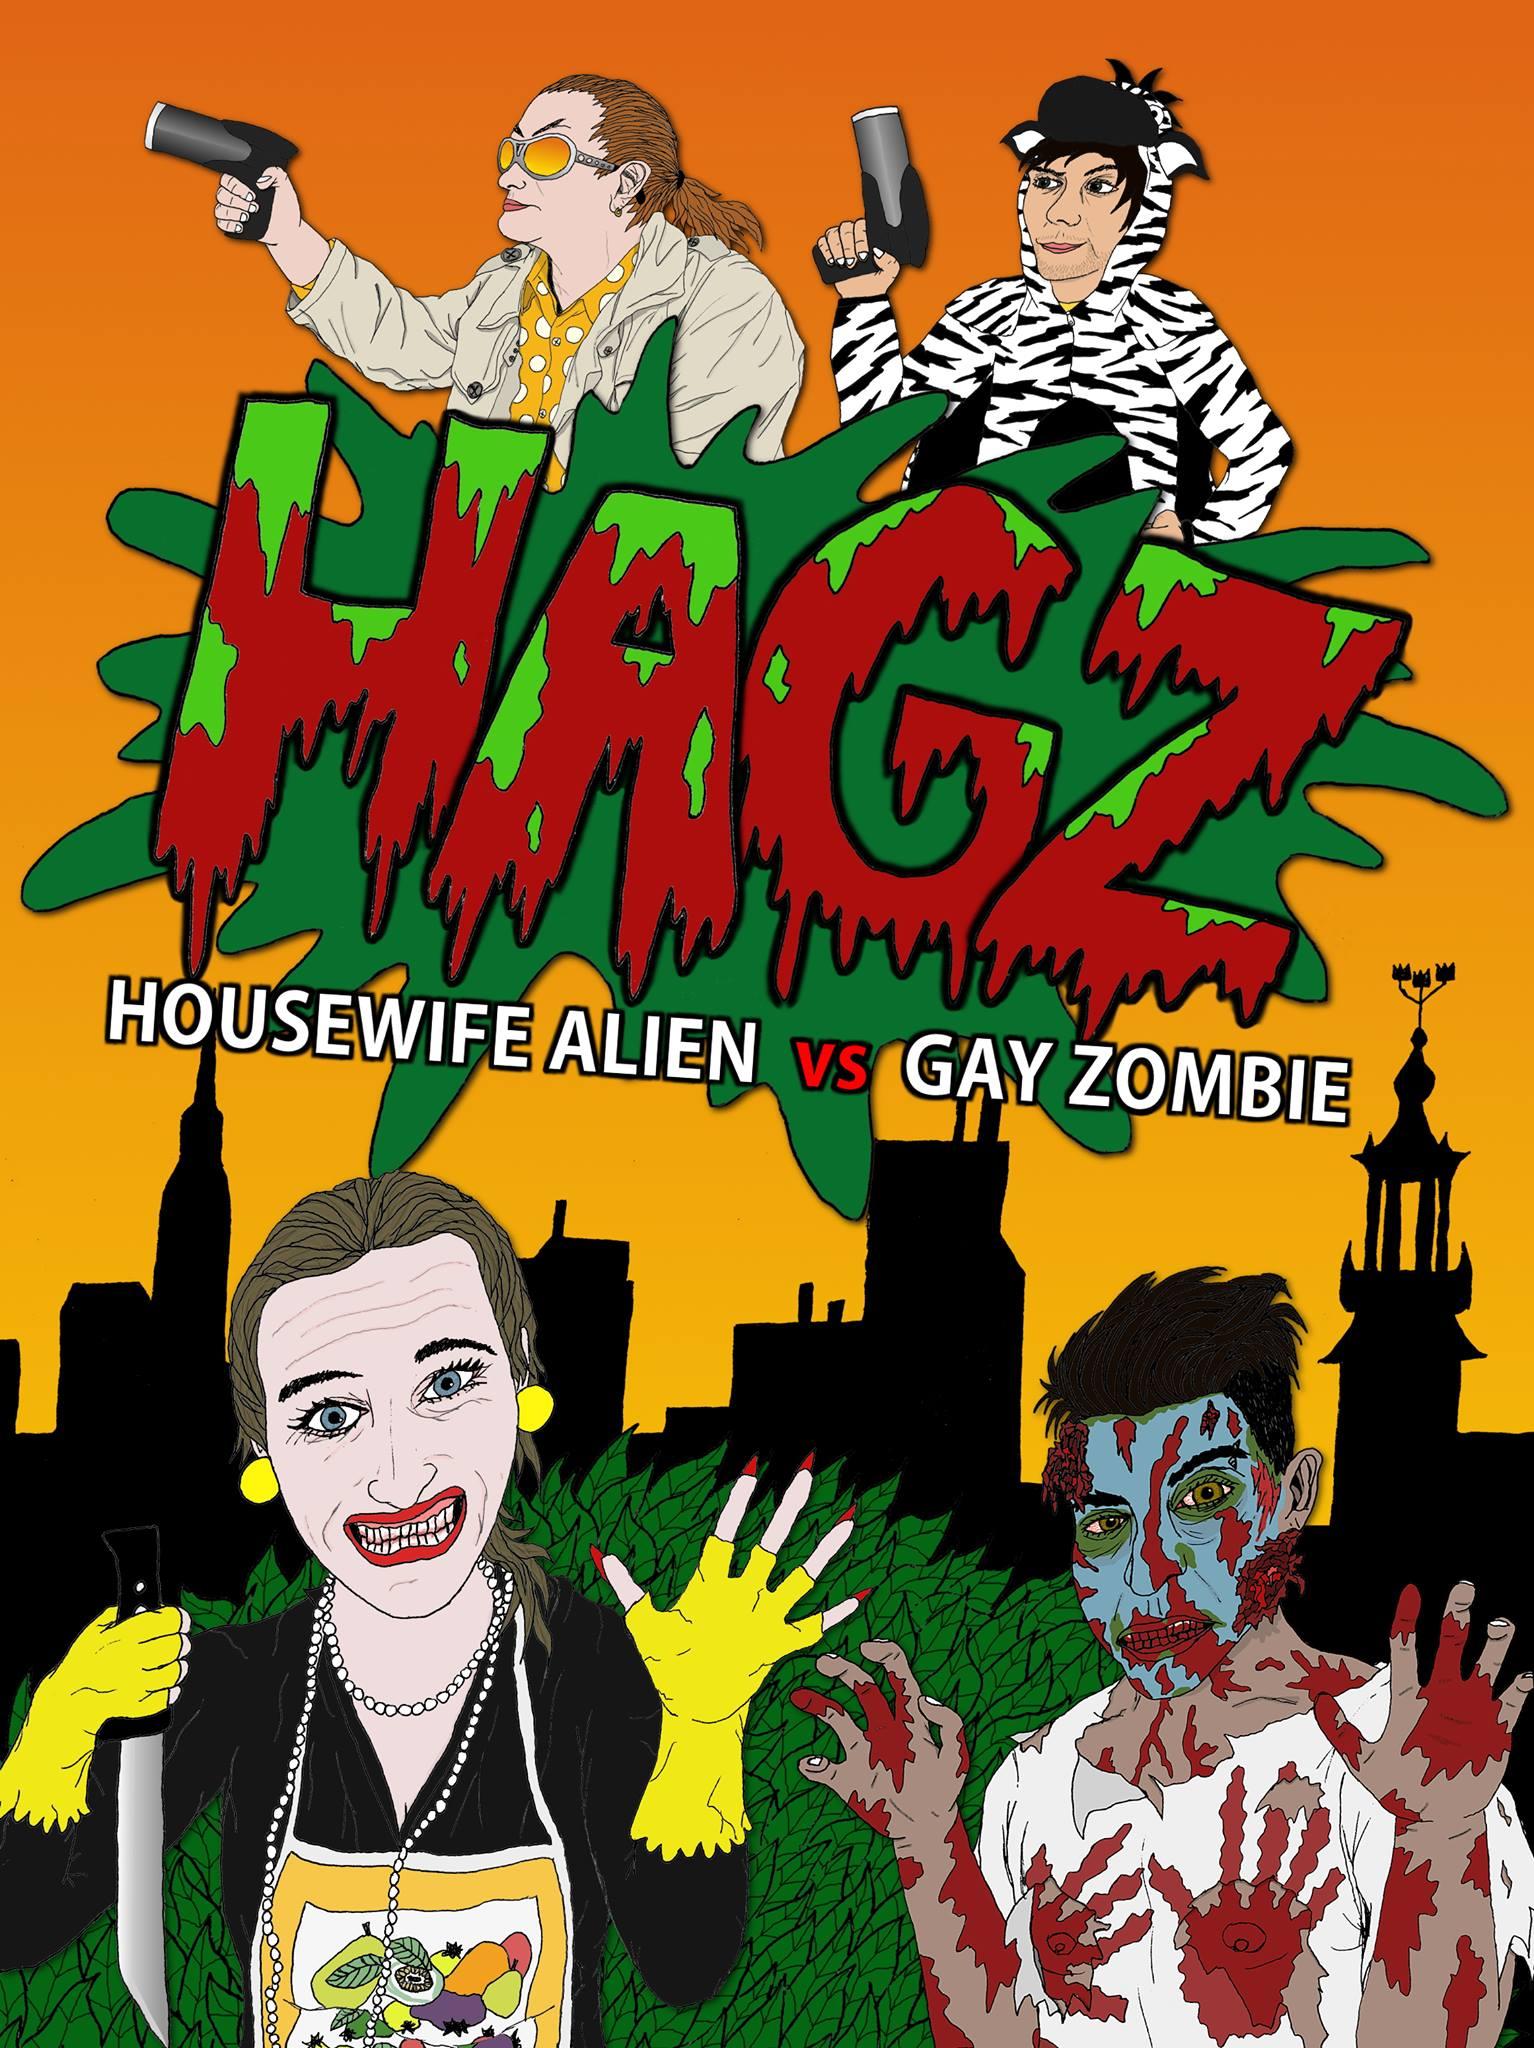 Домохозяйка пришелец против Гея зомби